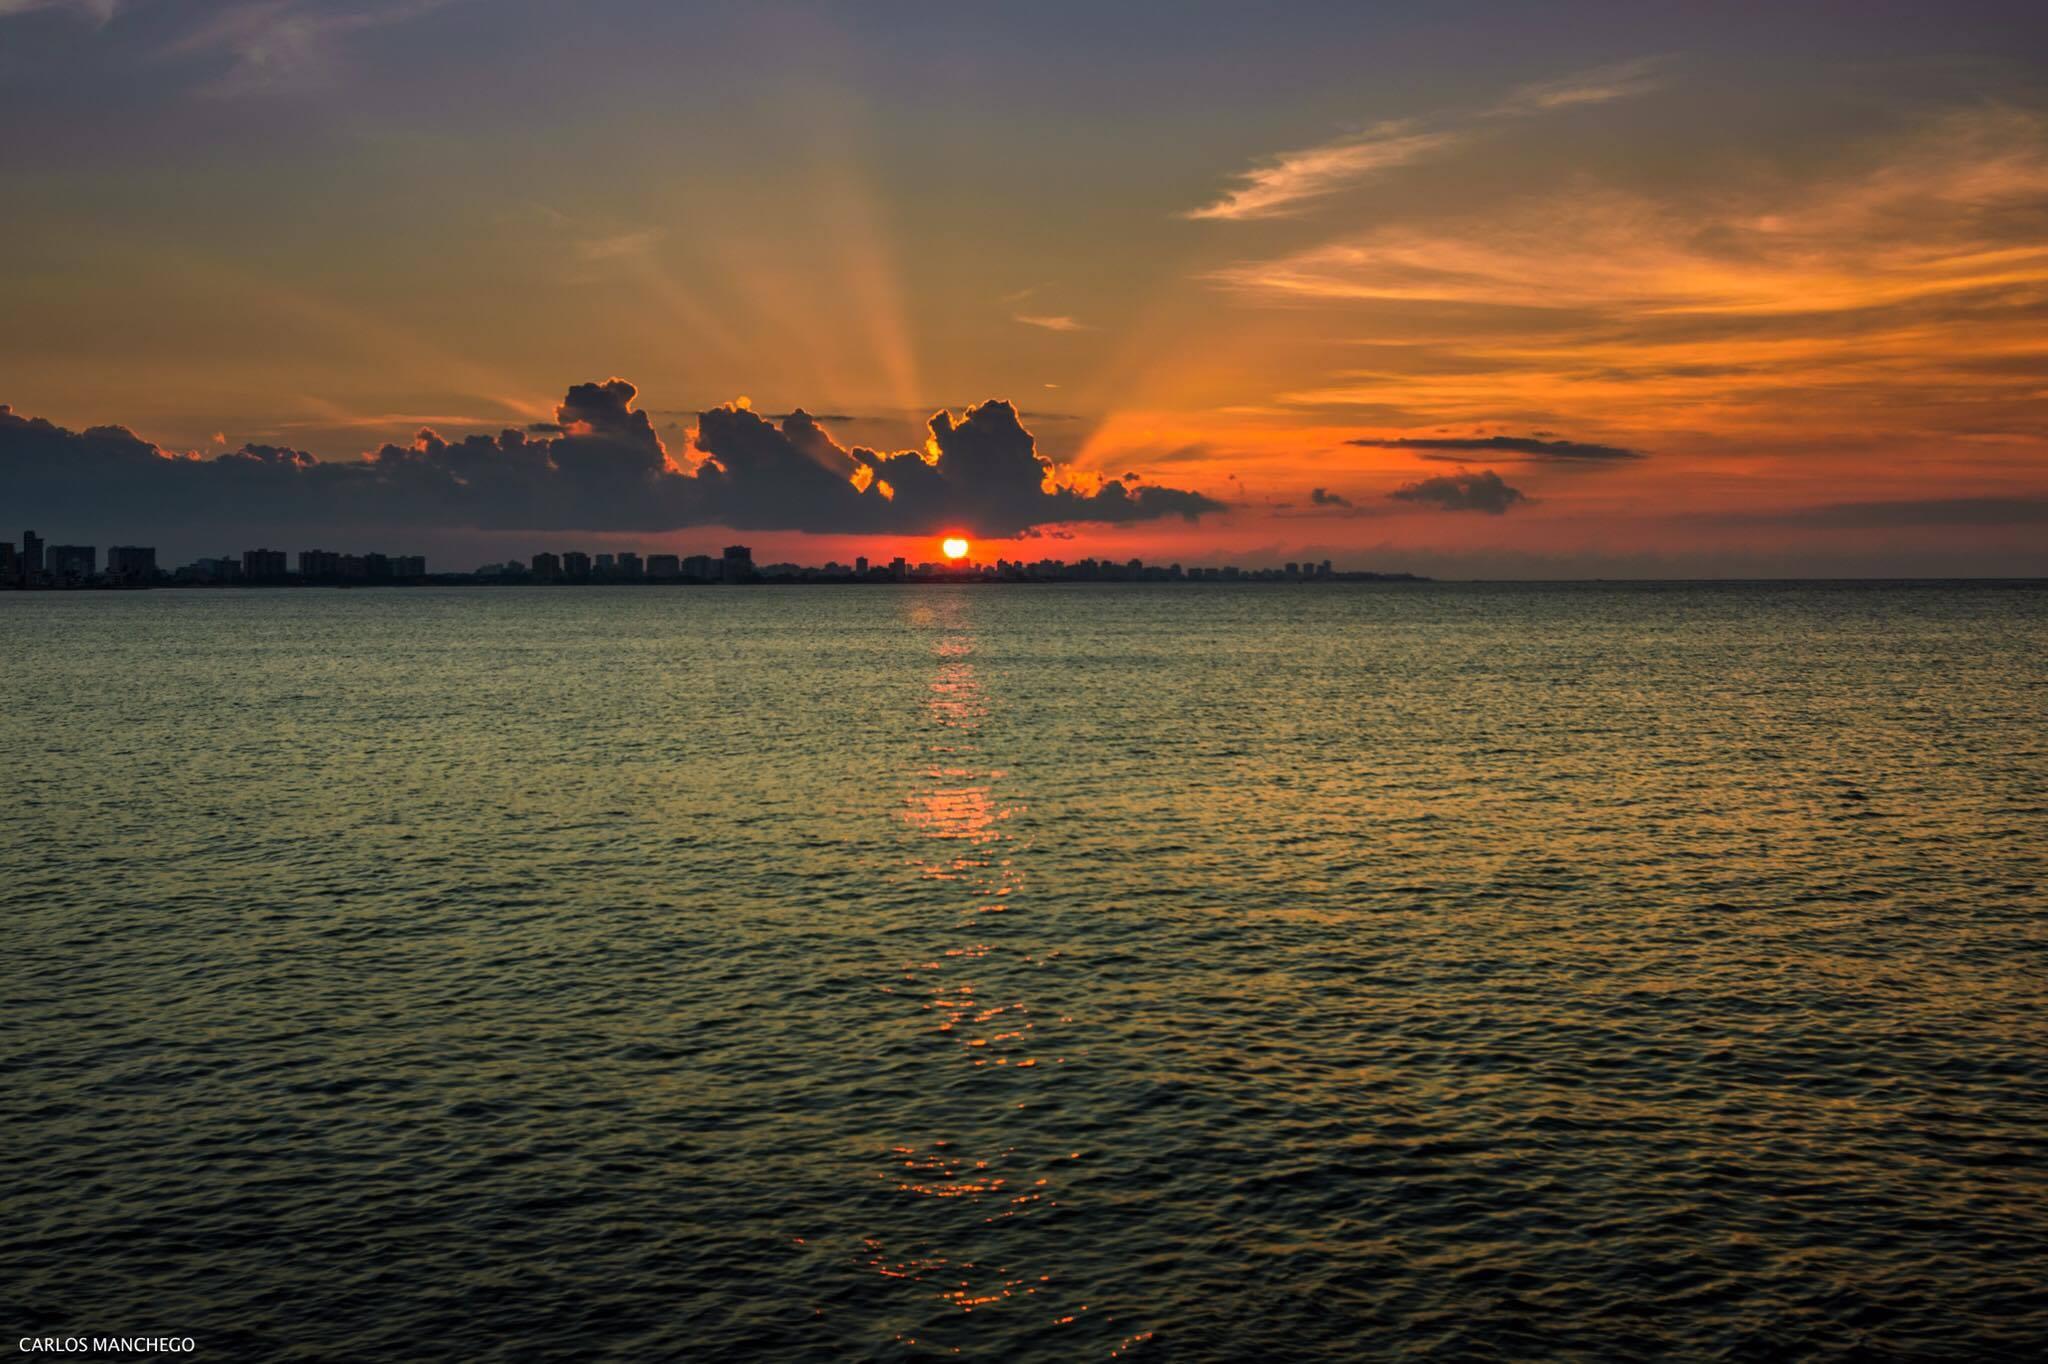 Atardecer en Playa de Isla Verde, Carolina, Puerto Rico.